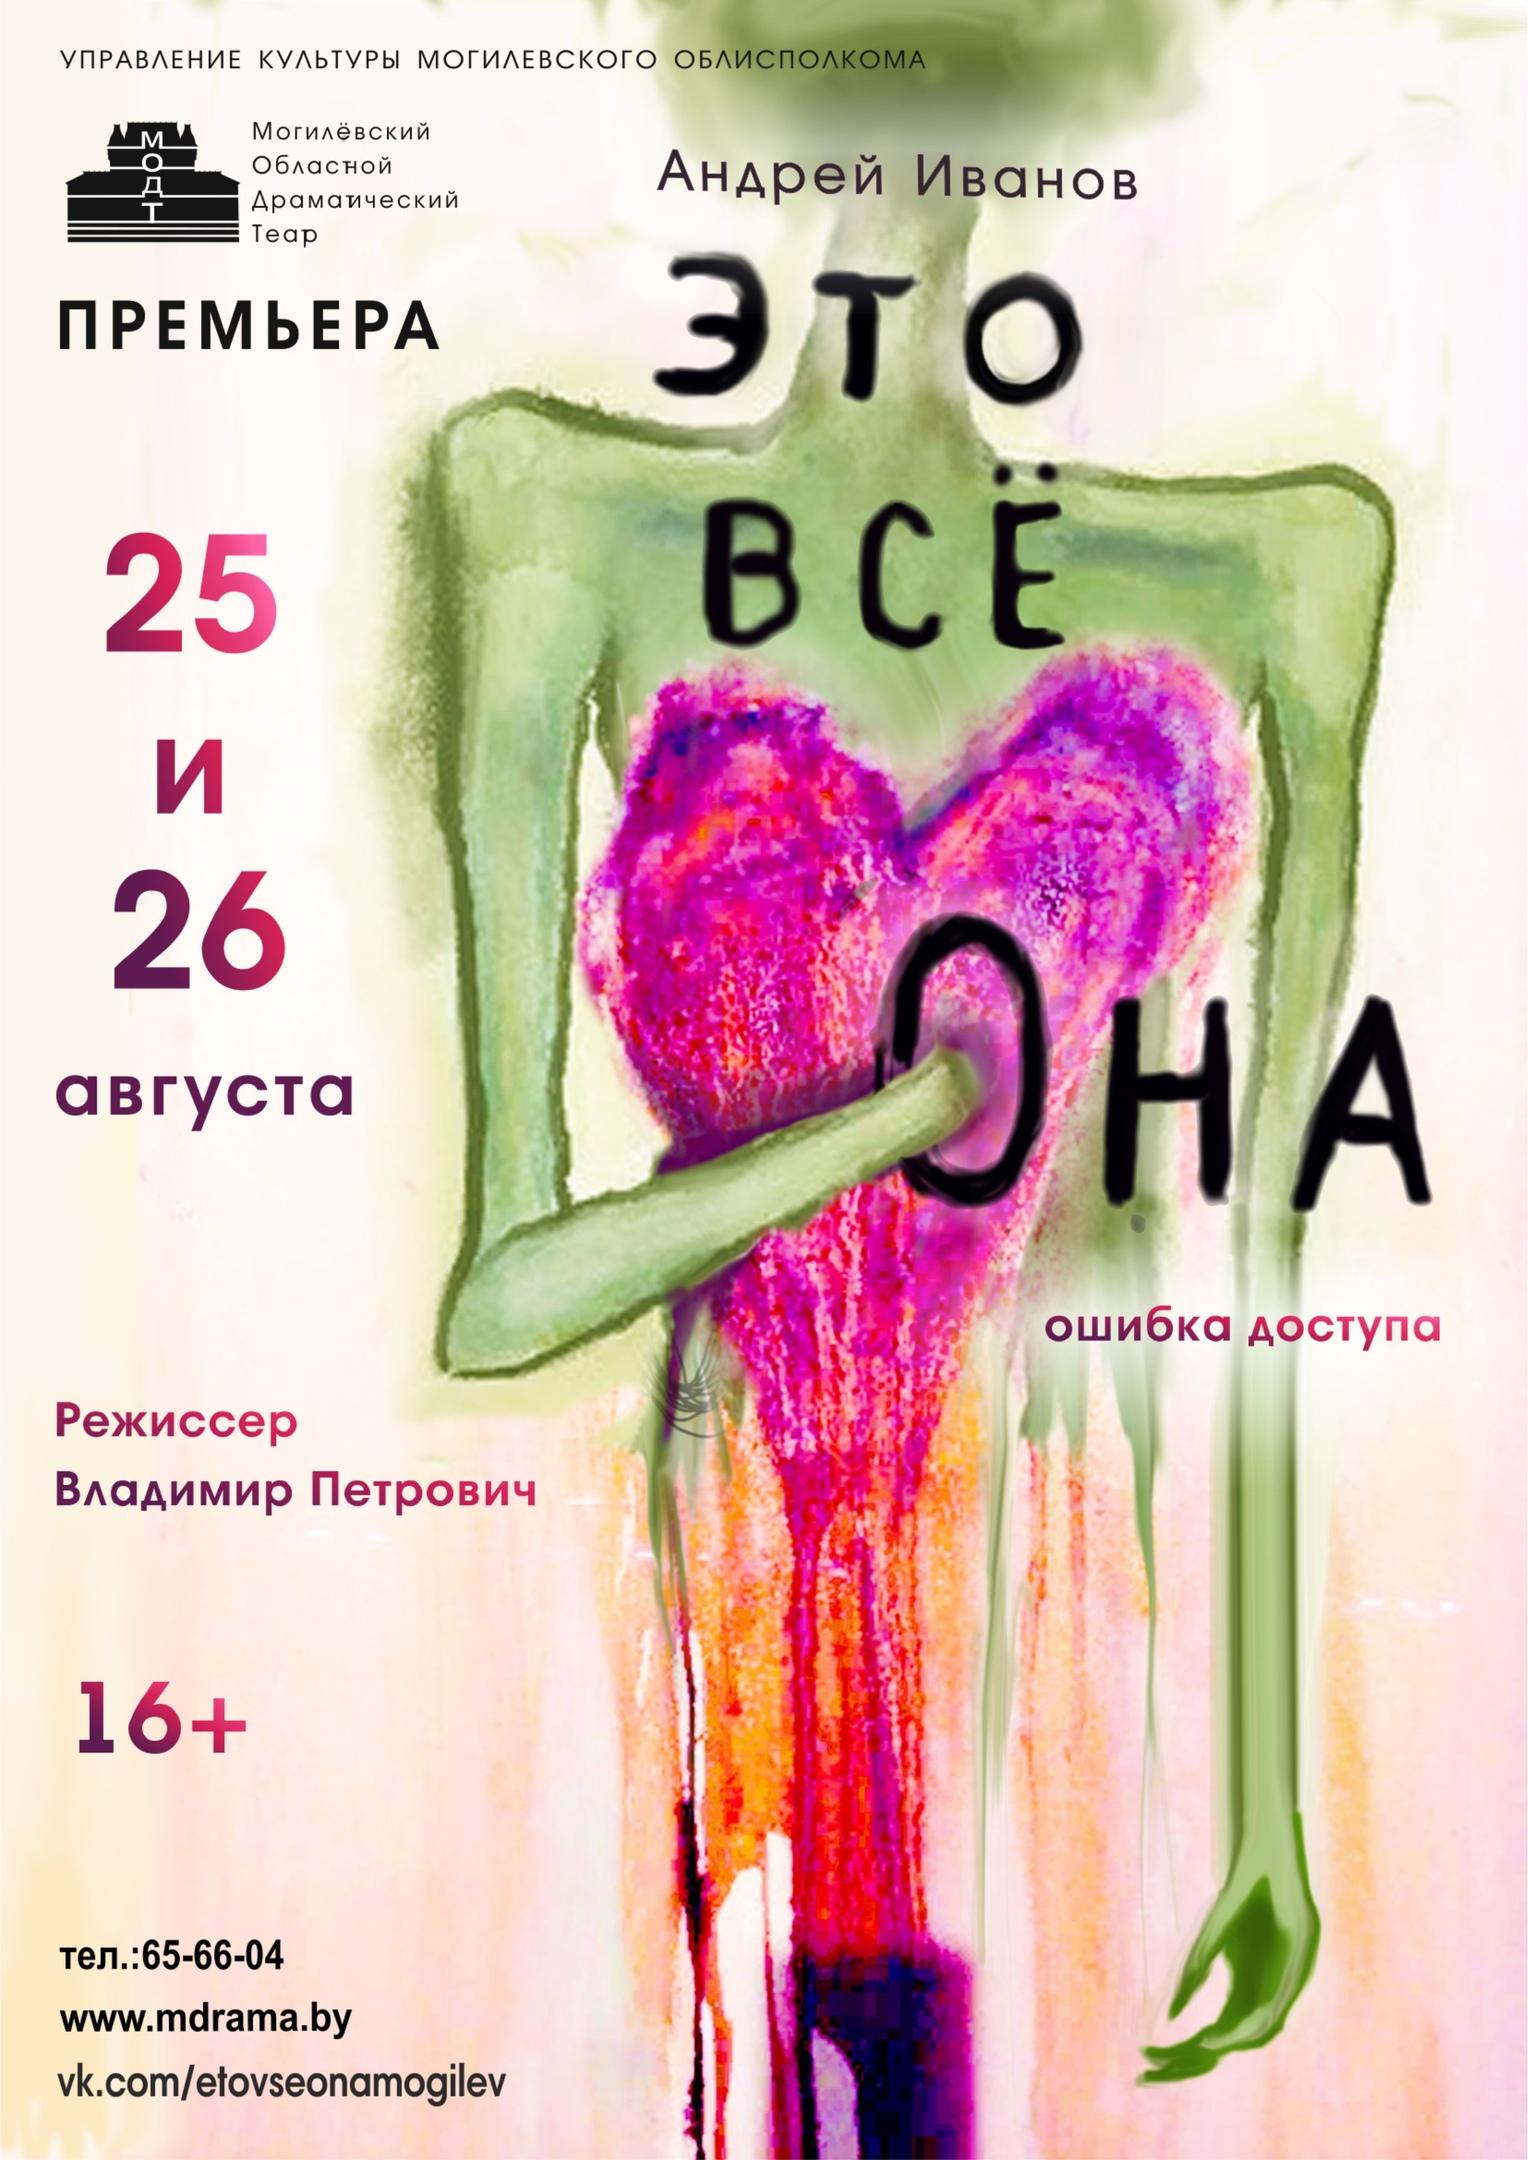 Всоздании «народной» карты Могилева приглашают принять участие горожан